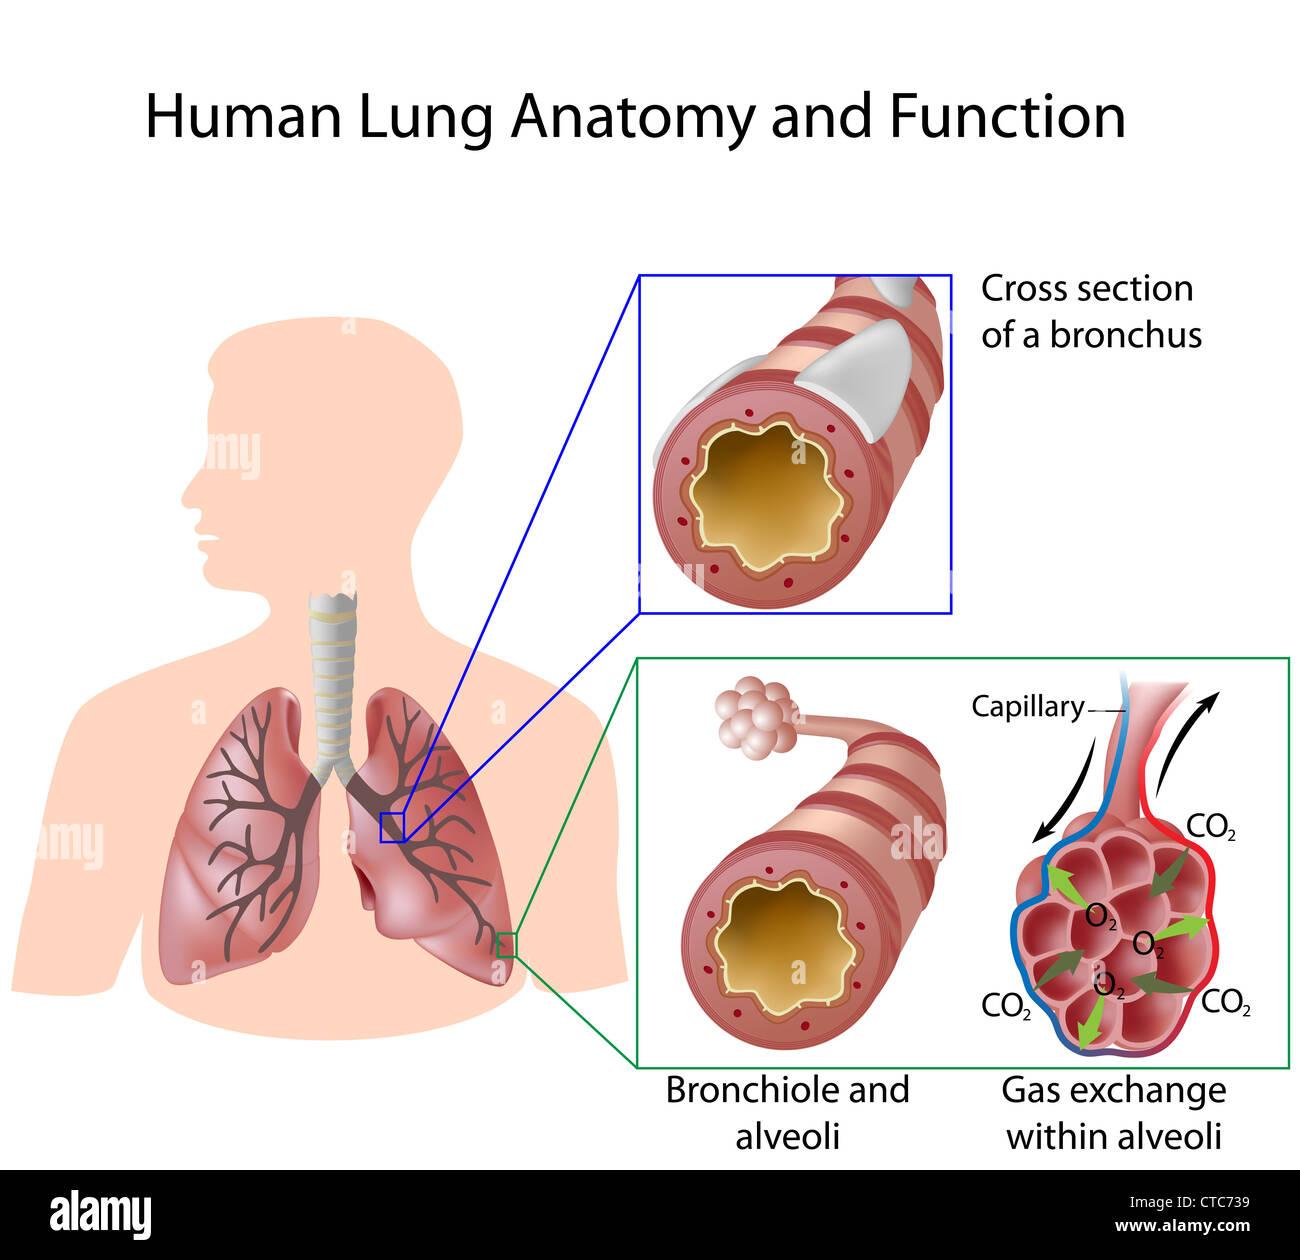 Menschlichen Lunge Anatomie und Funktion Stockfoto, Bild: 49441485 ...